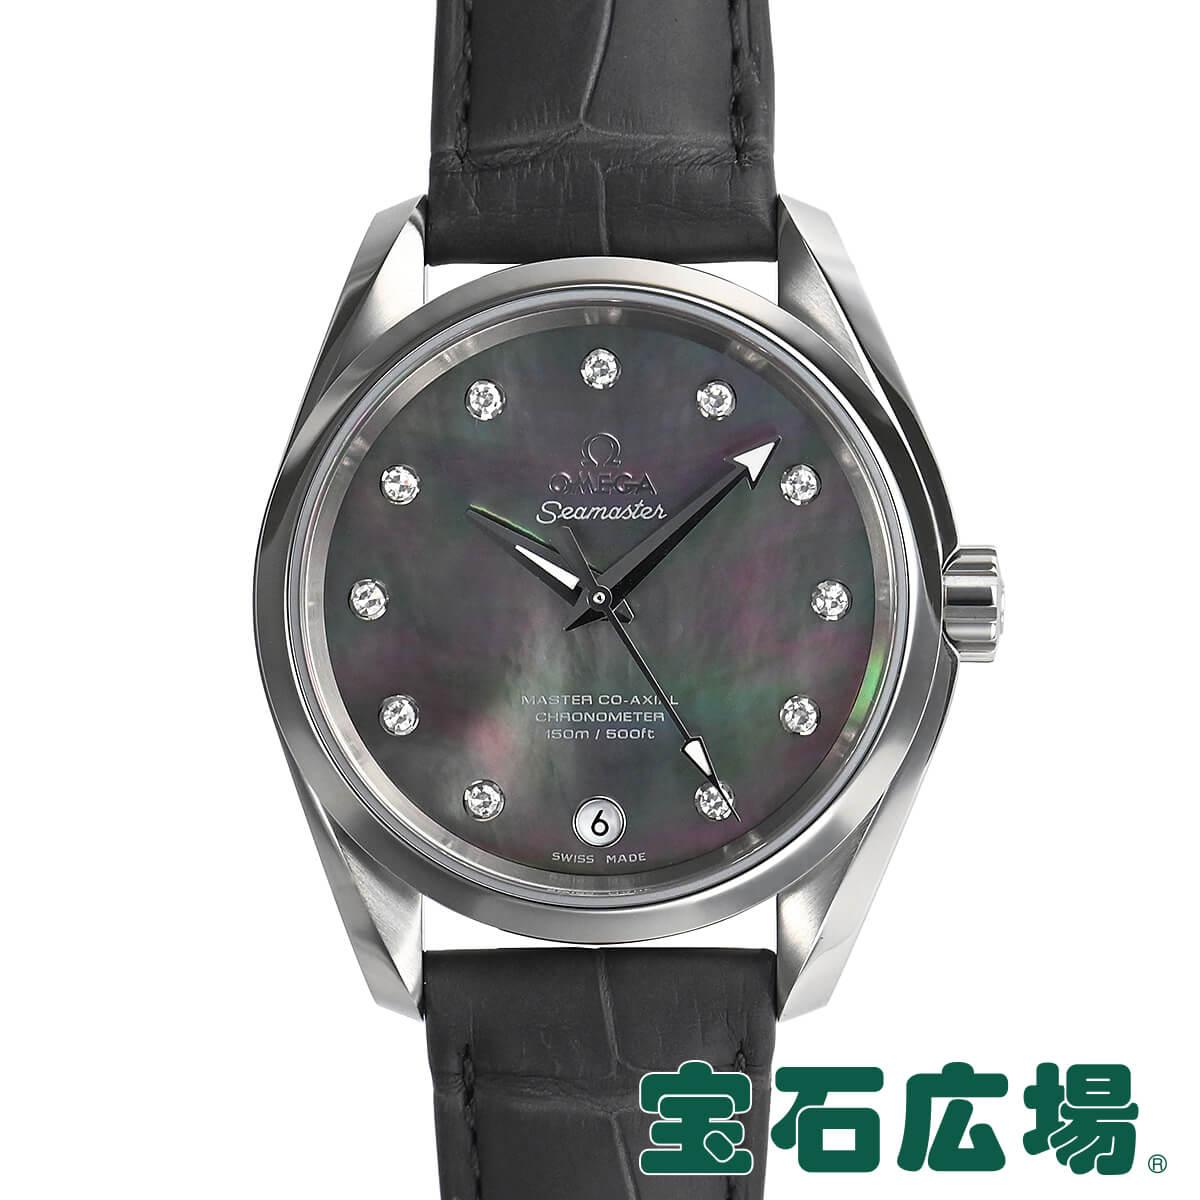 オメガ OMEGA シーマスター コーアクシャル アクアテラ クロノメーター M 231.13.39.21.57.001 新品 レディース 腕時計 送料無料 販促品 年末年始のご挨拶 通販 当店では